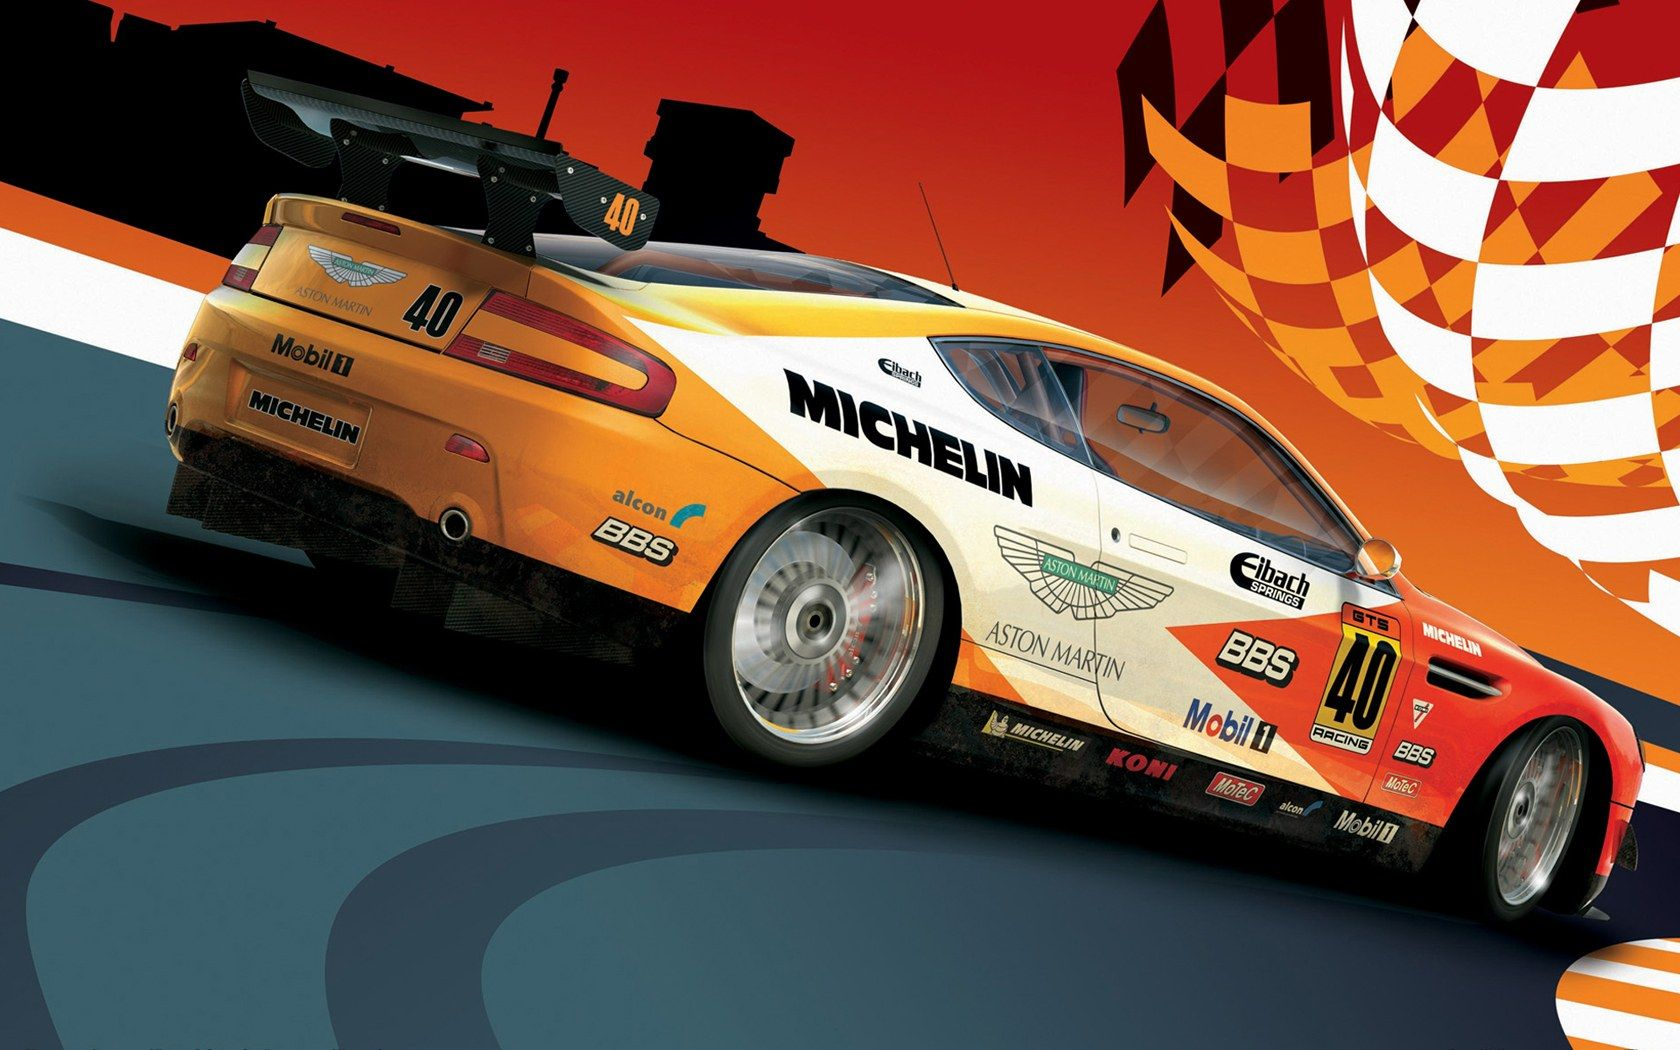 racing background photos